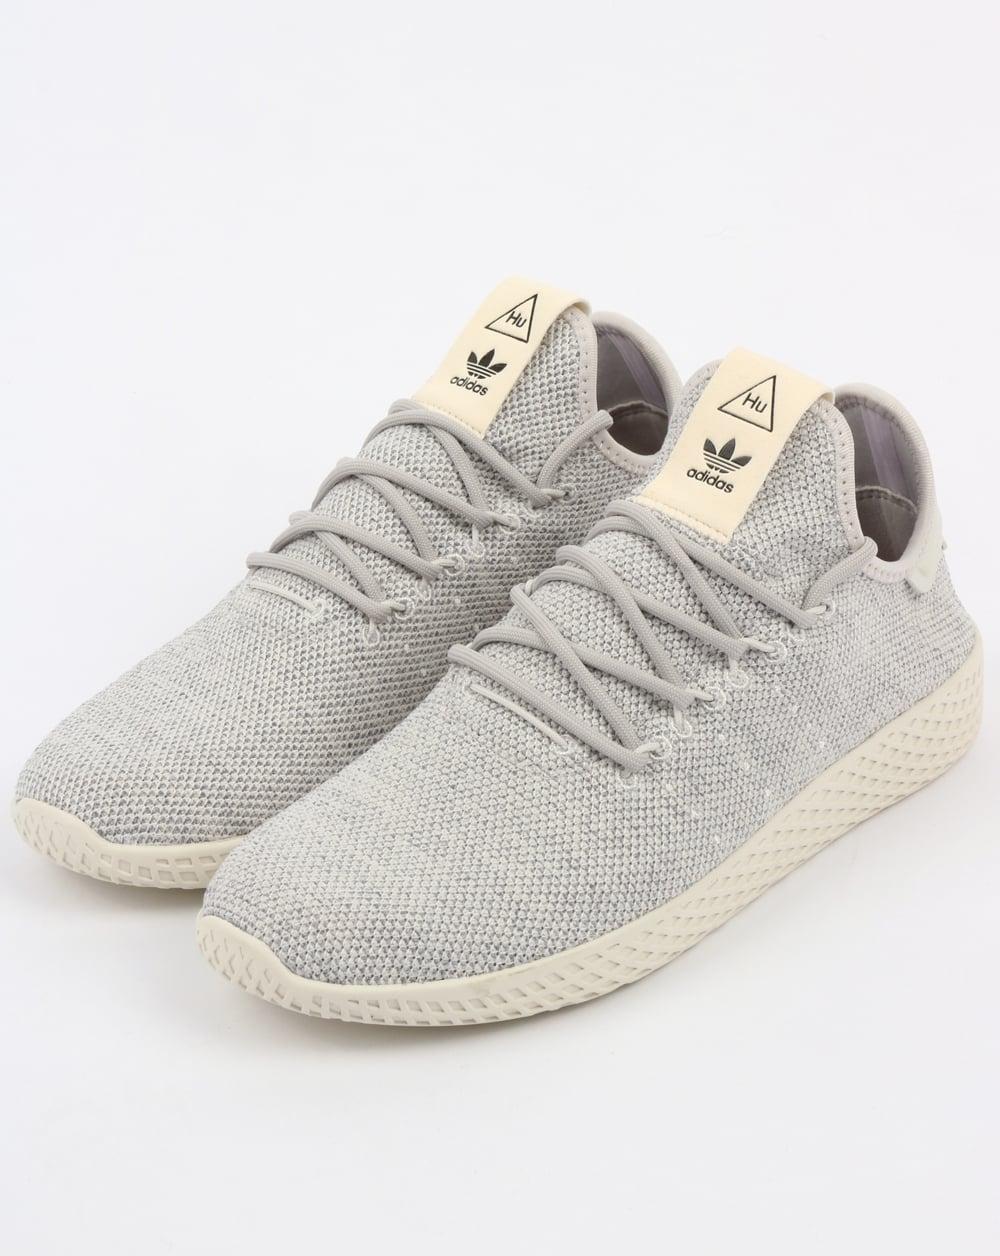 funzionario di vendita caldo disponibilità nel Regno Unito modellazione duratura Adidas PW Tennis HU Trainers Grey/White,pharrell williams,shoes